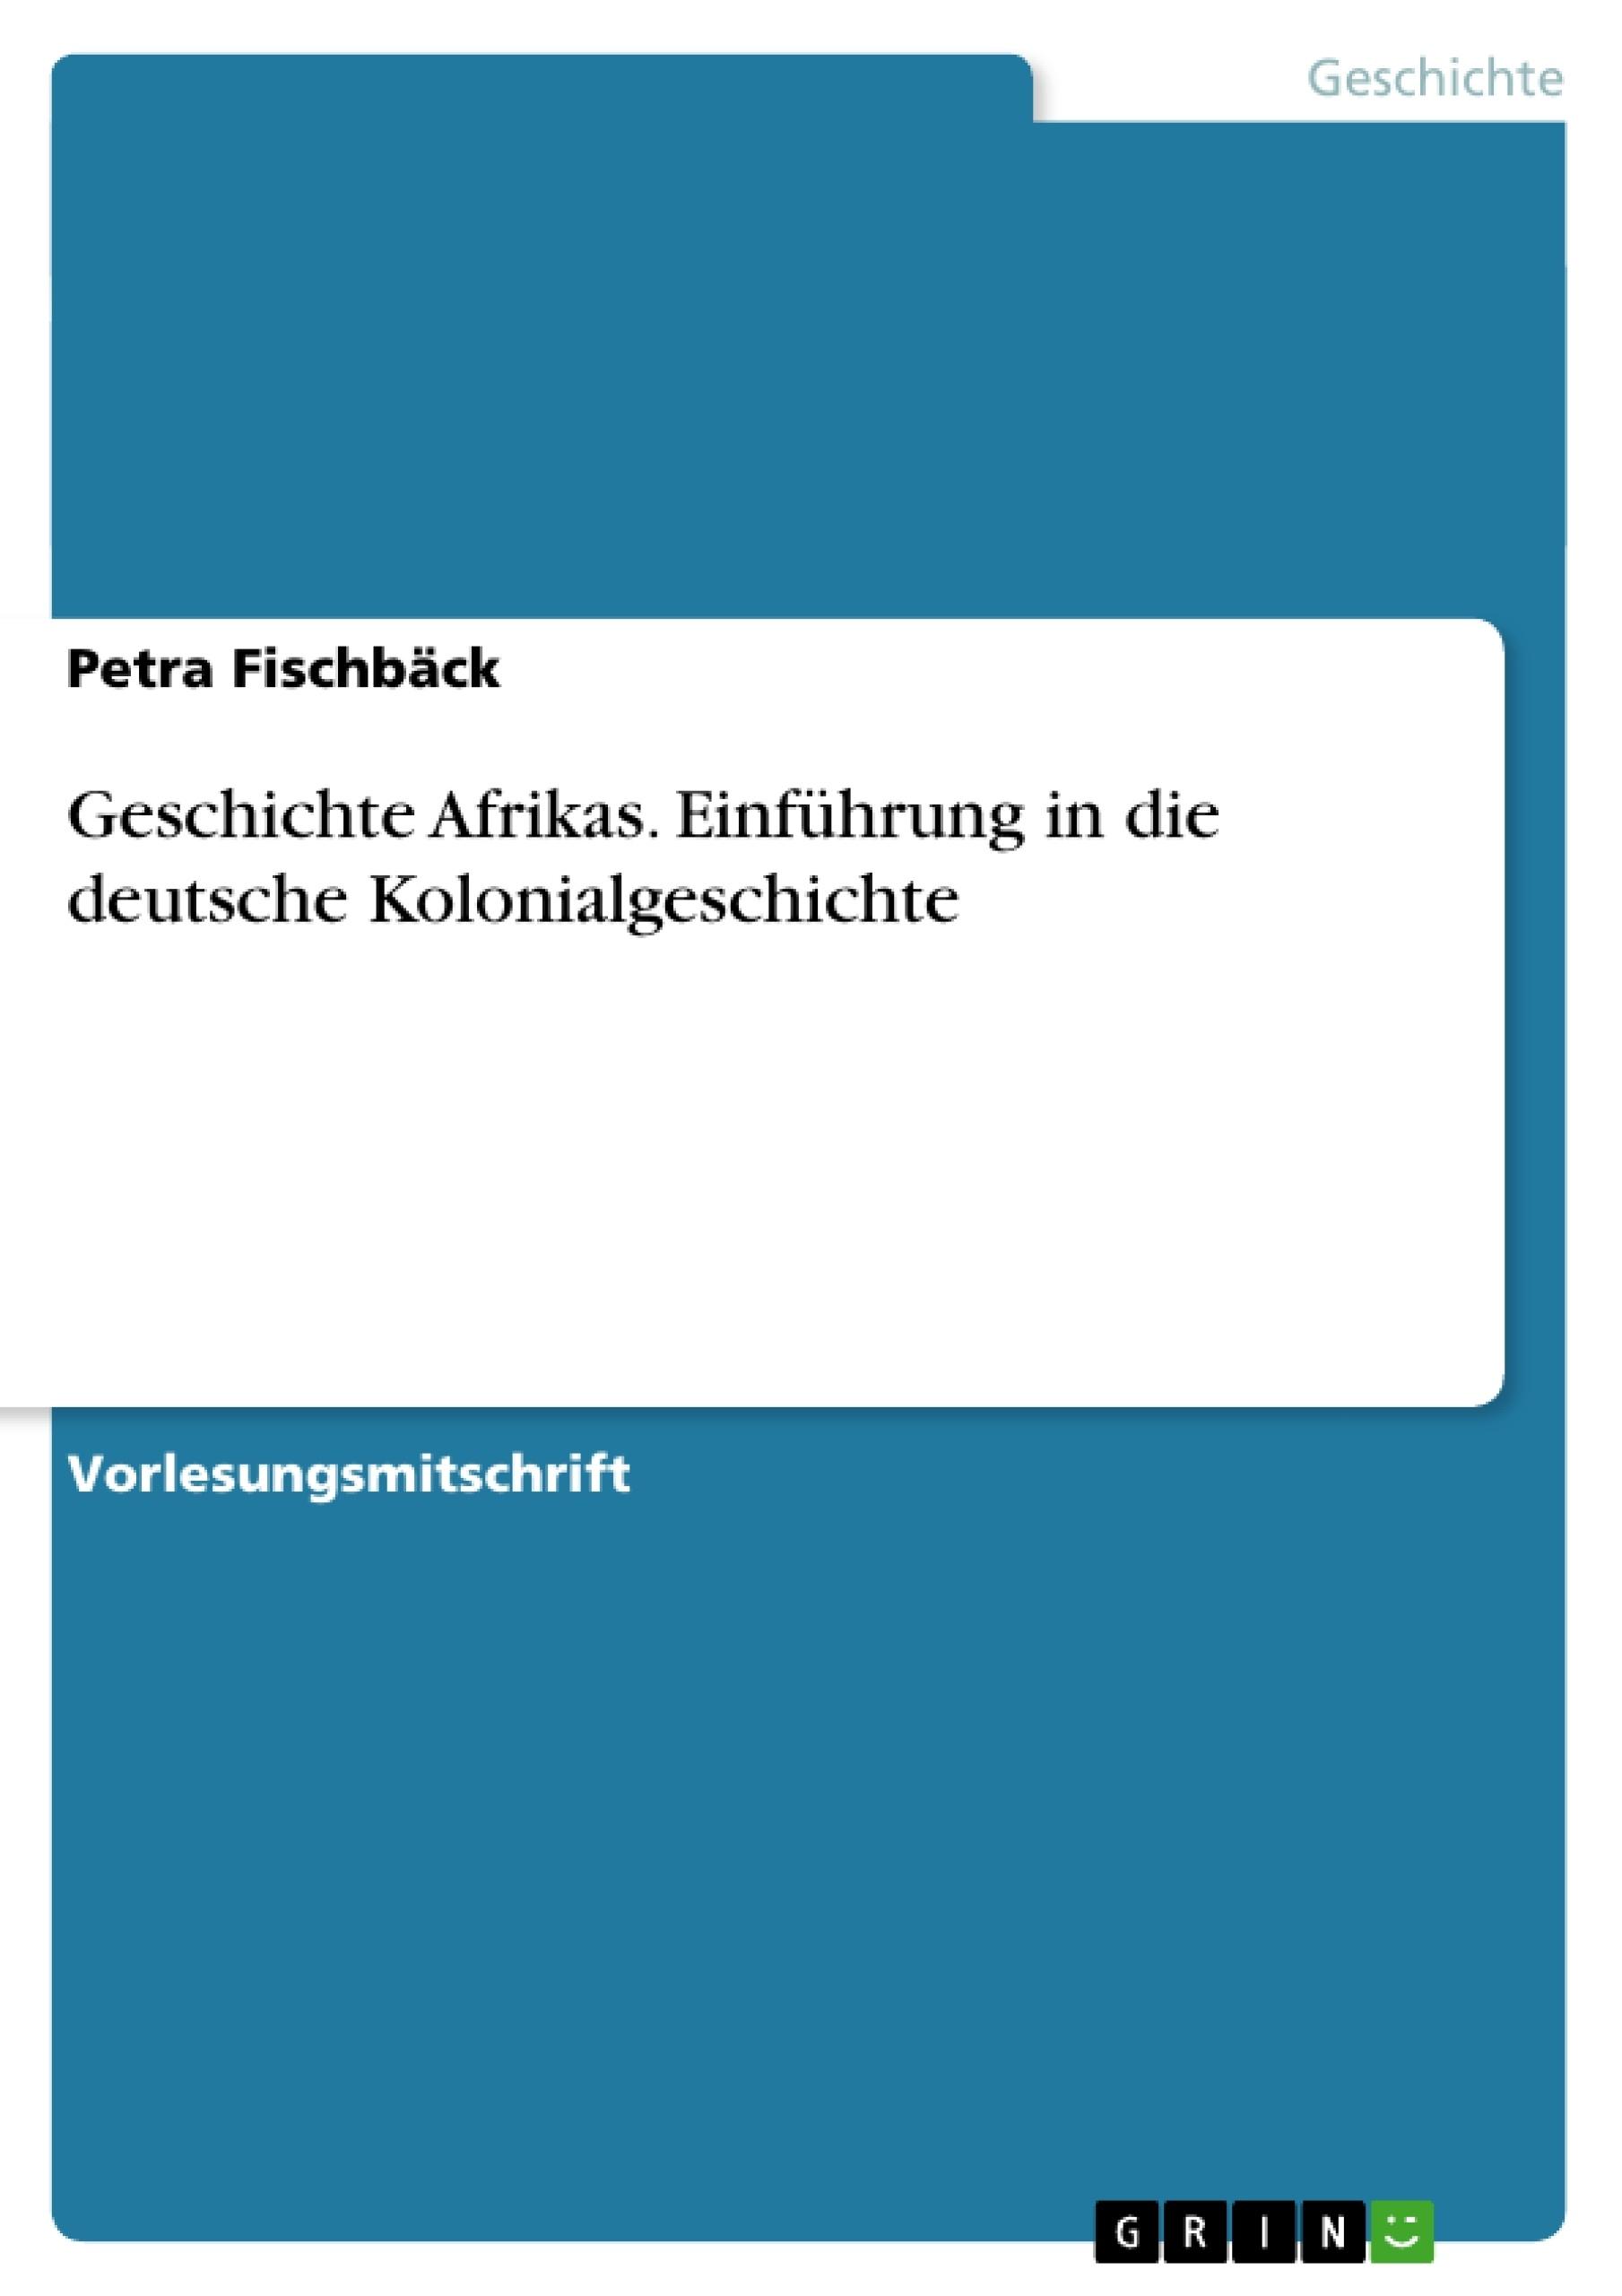 Titel: Geschichte Afrikas. Einführung in die deutsche Kolonialgeschichte